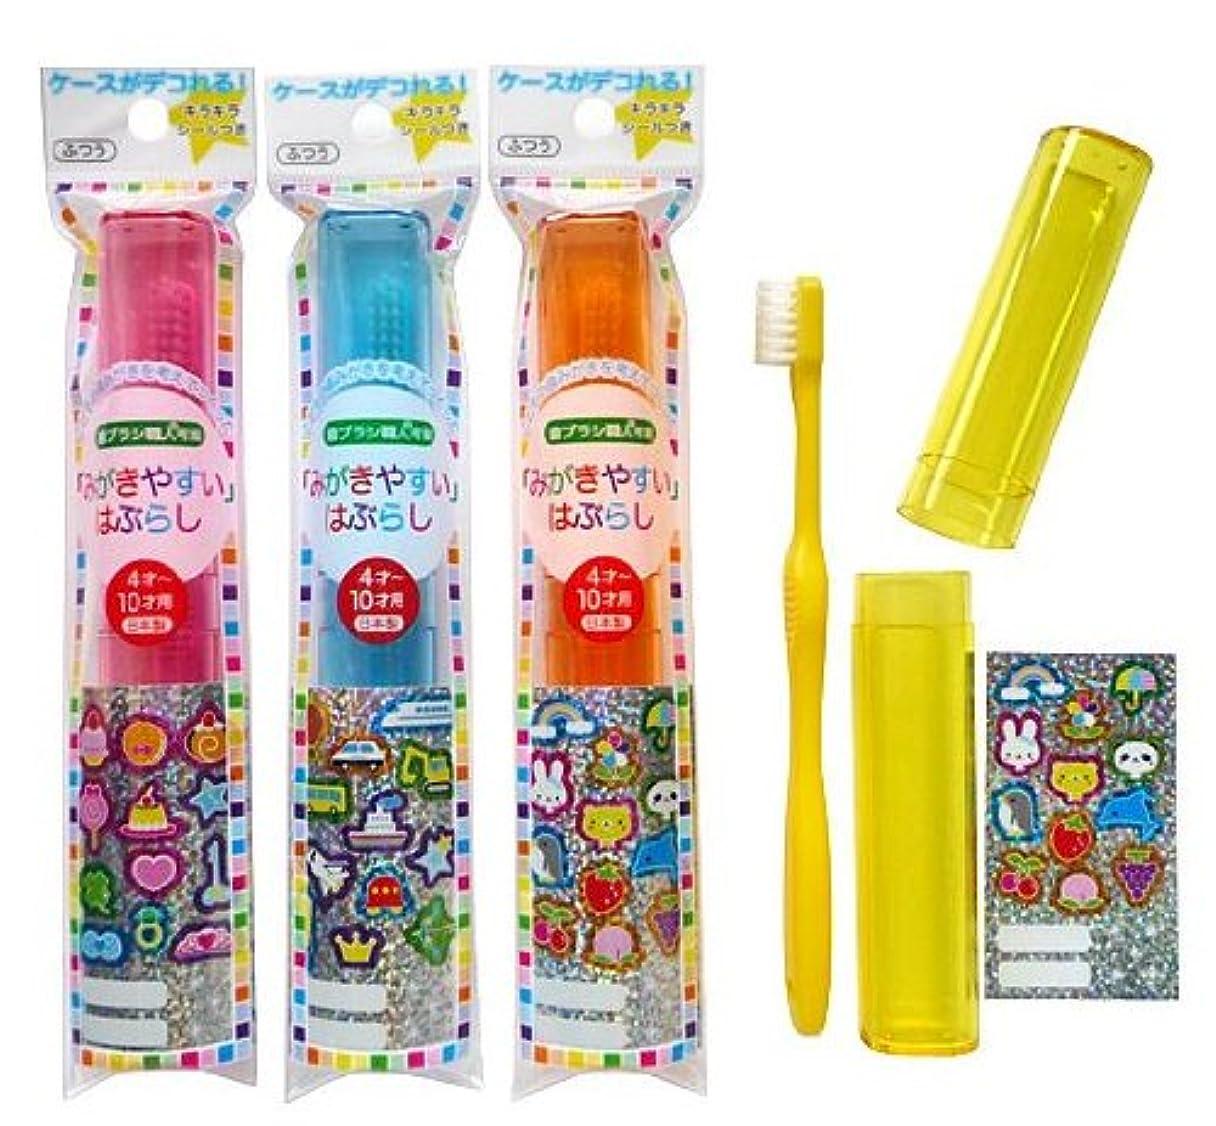 鋼論争ヒューバートハドソンライフレンジ 磨きやすい歯ブラシ こども用ケース付き 12本